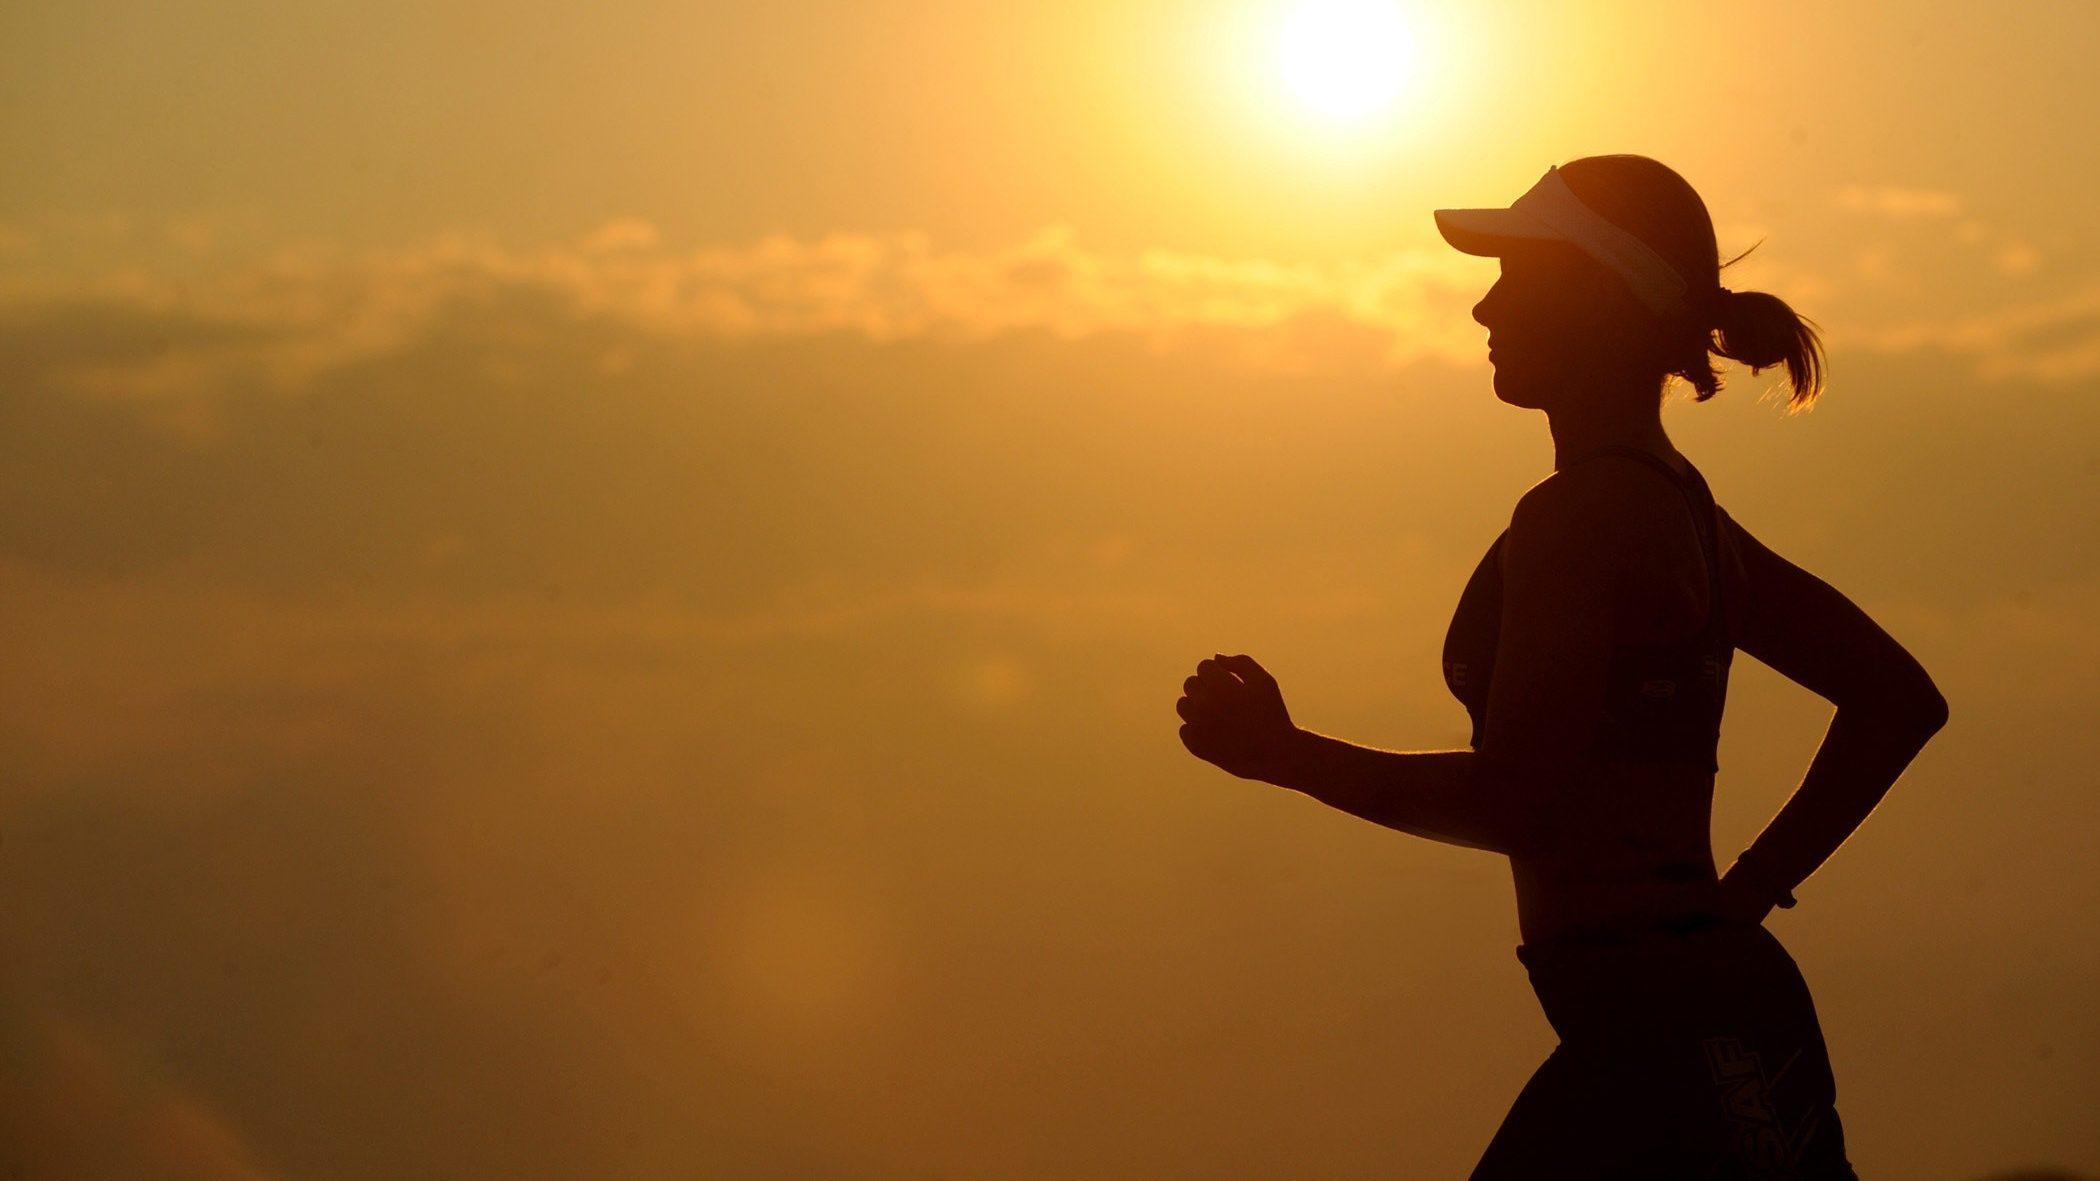 Hoeveel calorieën verbrand je met hardlopen